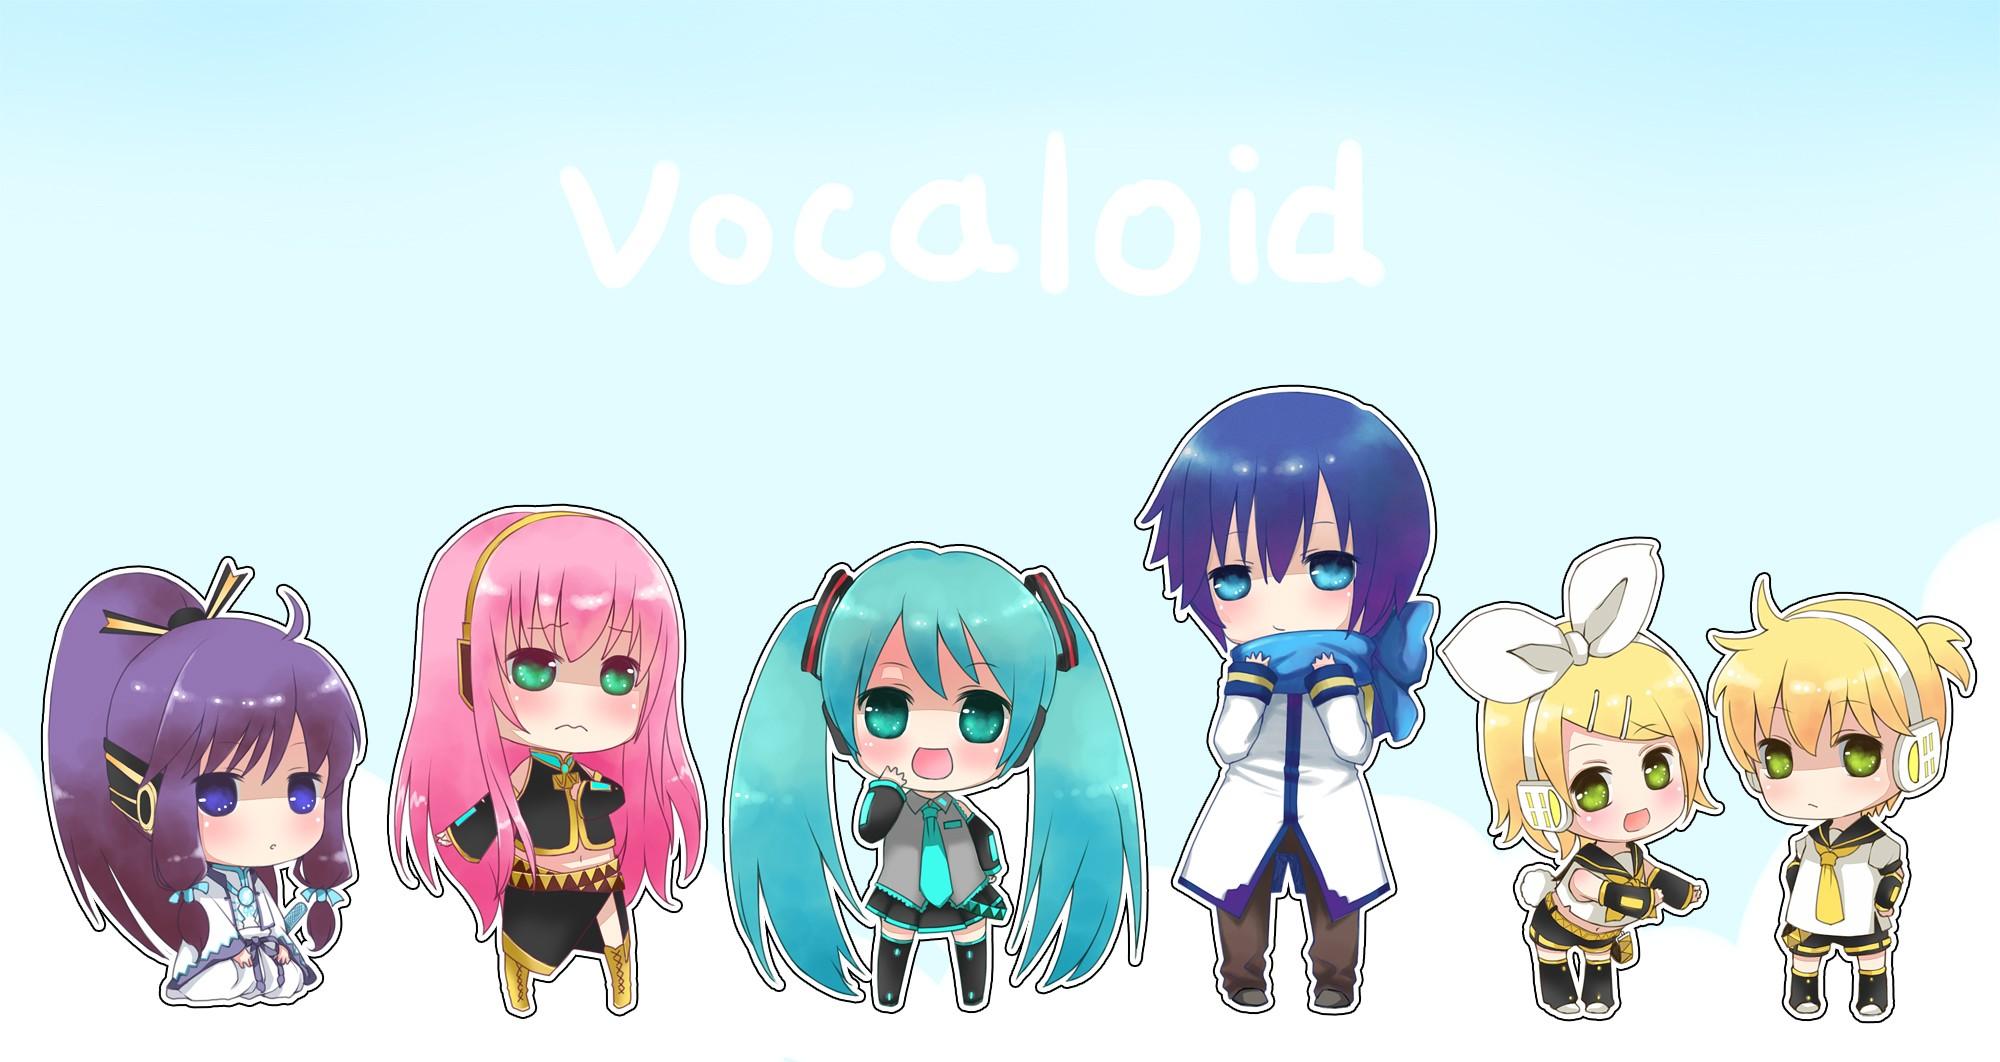 Zone vocaloid hatsune miku mini xvideos com - 2 8